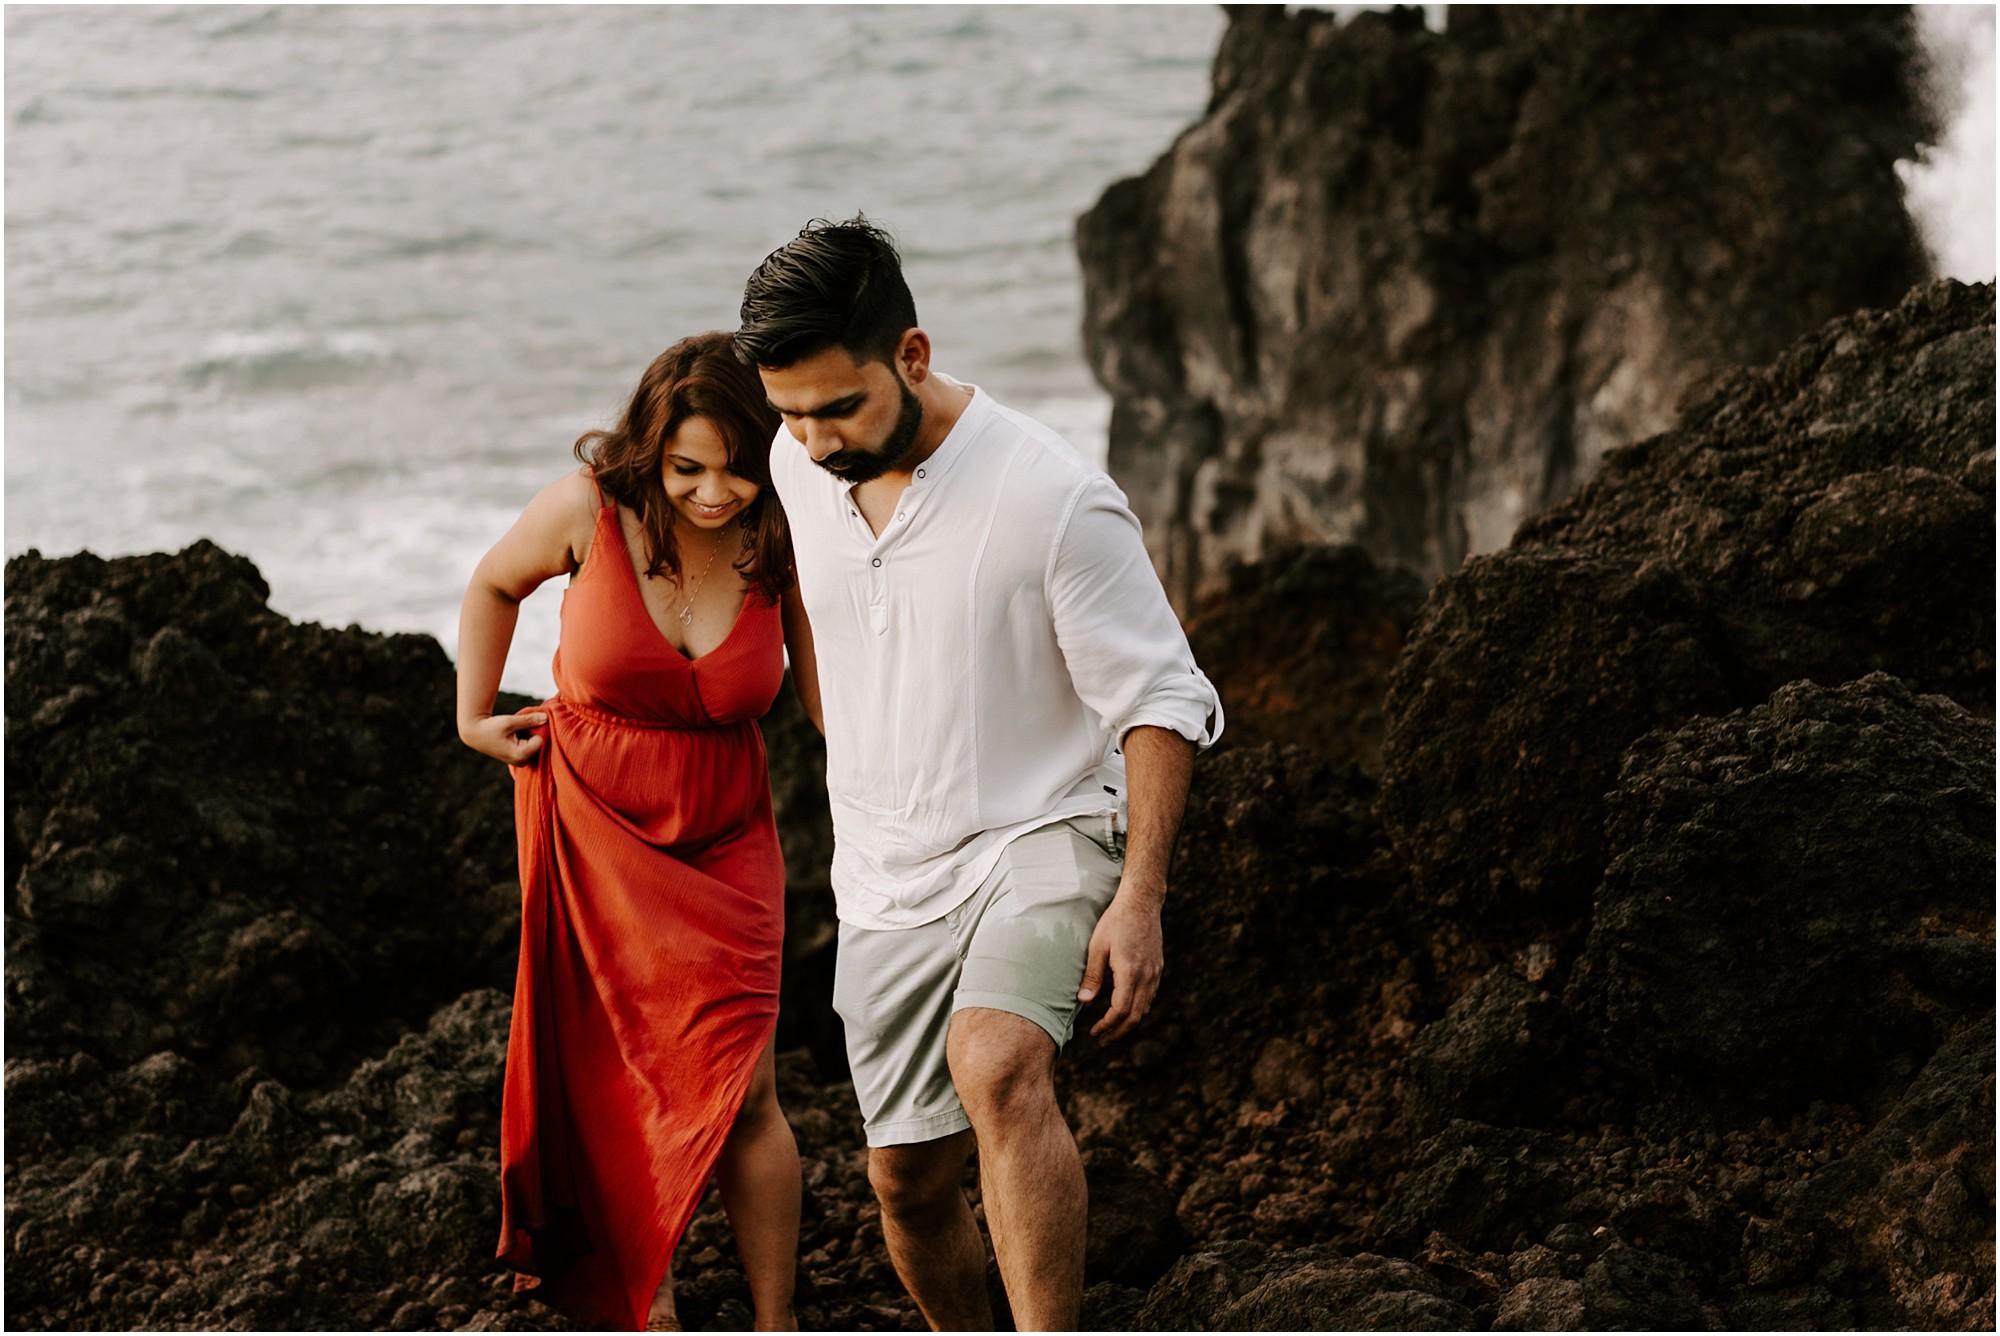 black-sand-beach-maui-hawaii-elopement-photographer_0026.jpg